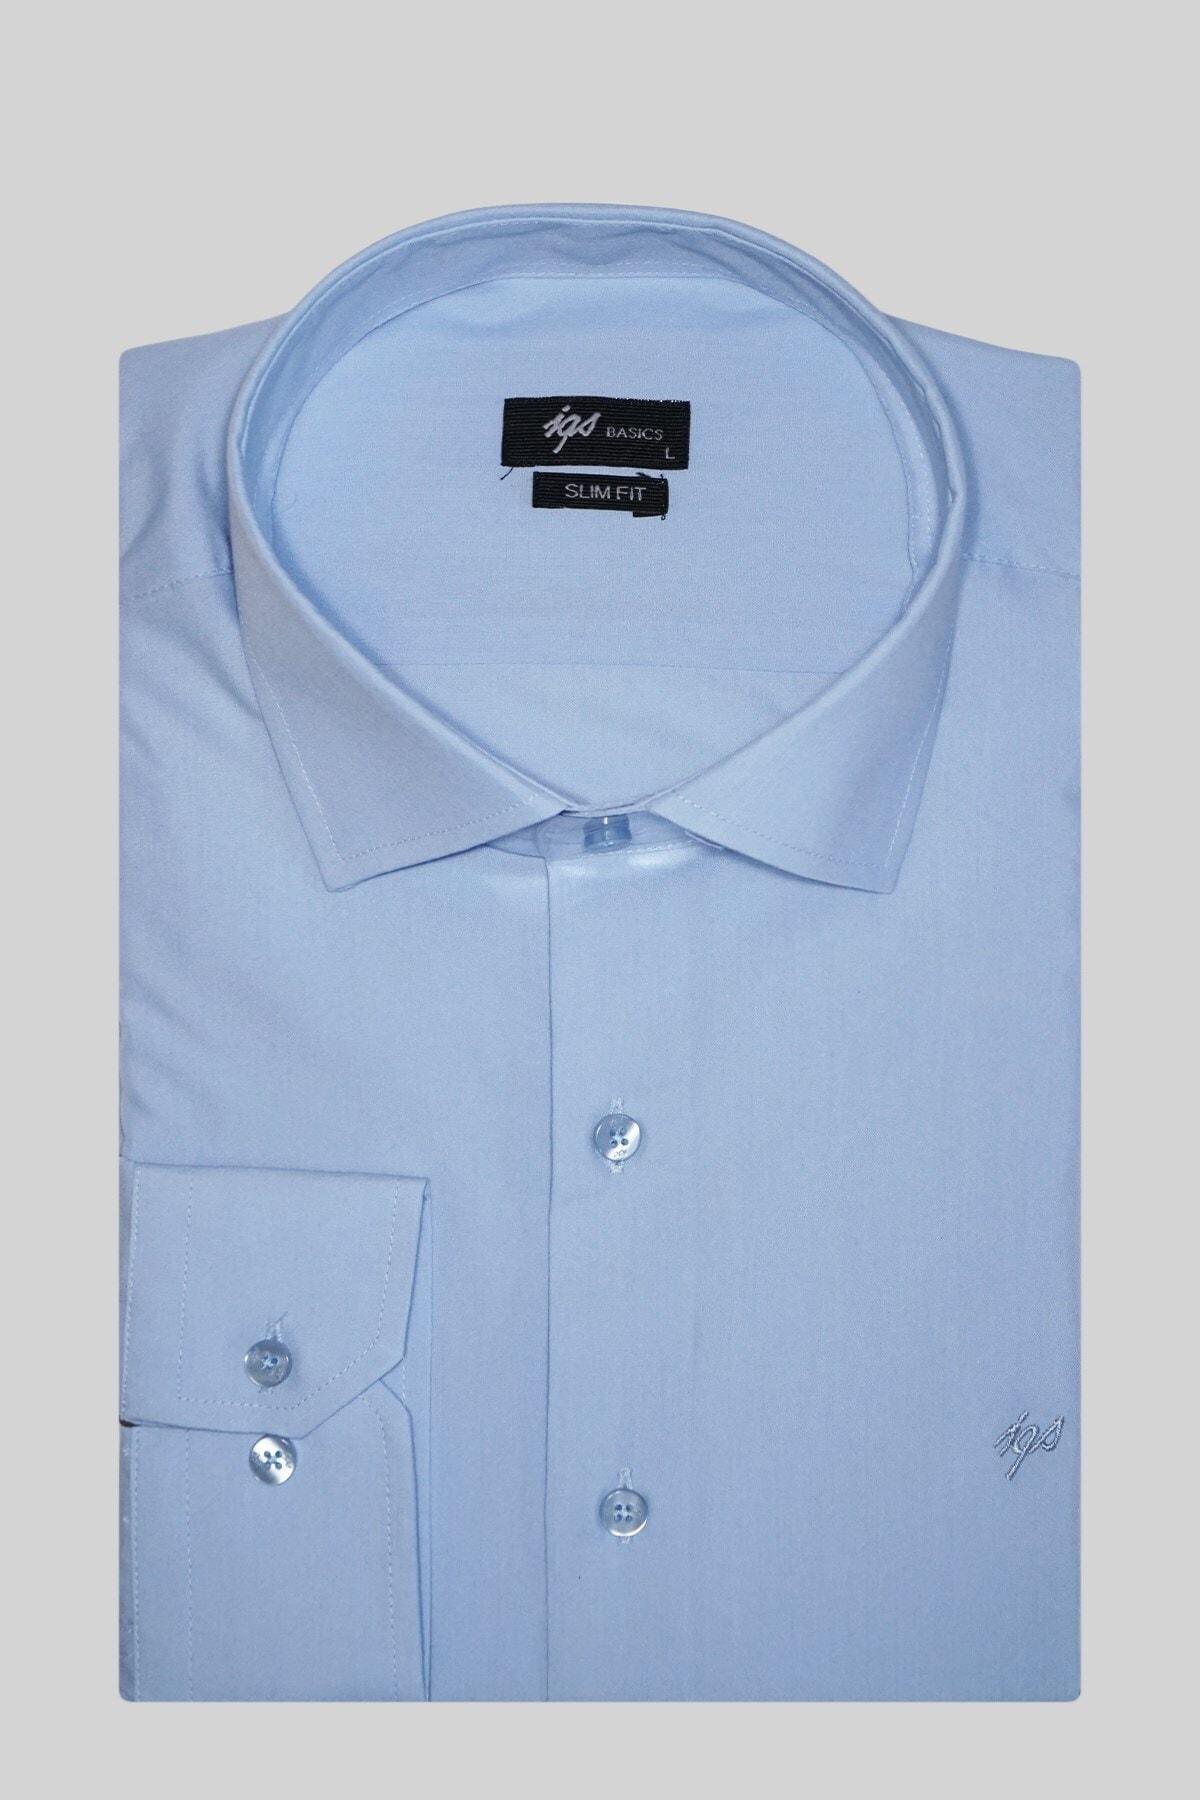 İgs Erkek Mavi Slım Fıt Dar Kalıp Klasik Gömlek 1